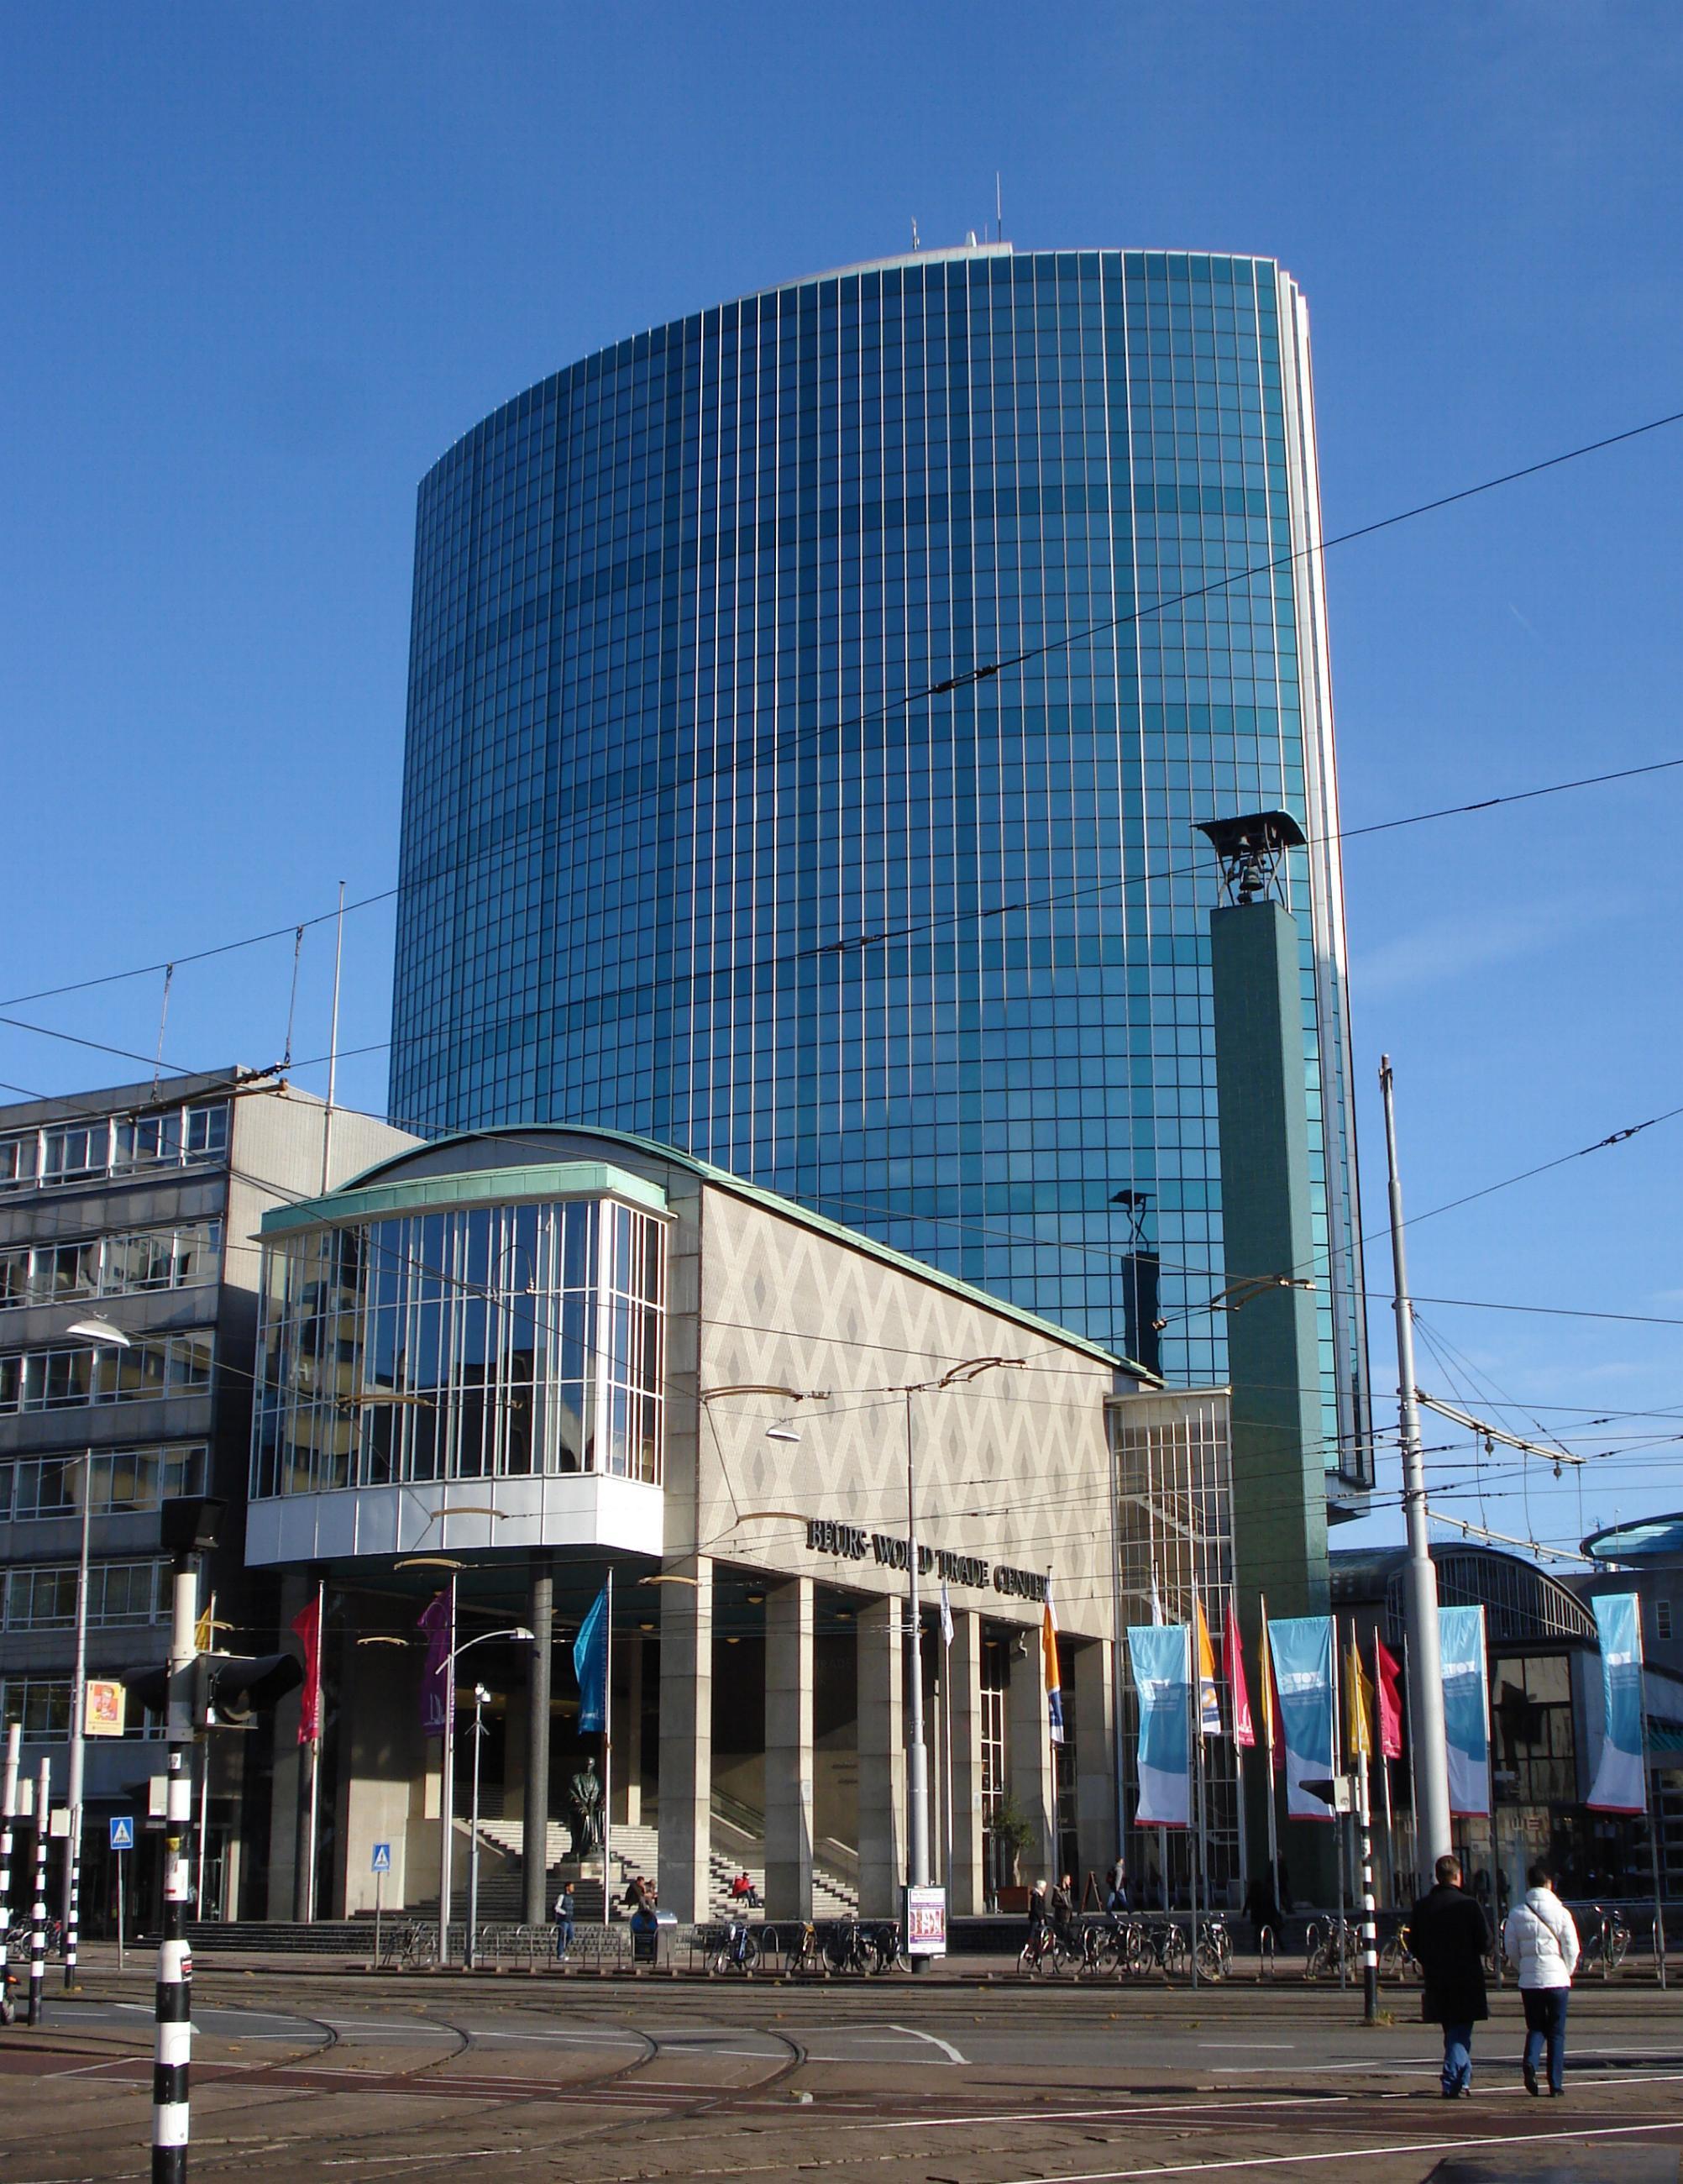 http://upload.wikimedia.org/wikipedia/commons/3/38/Rotterdam_toren_WTC-gebouw.jpg